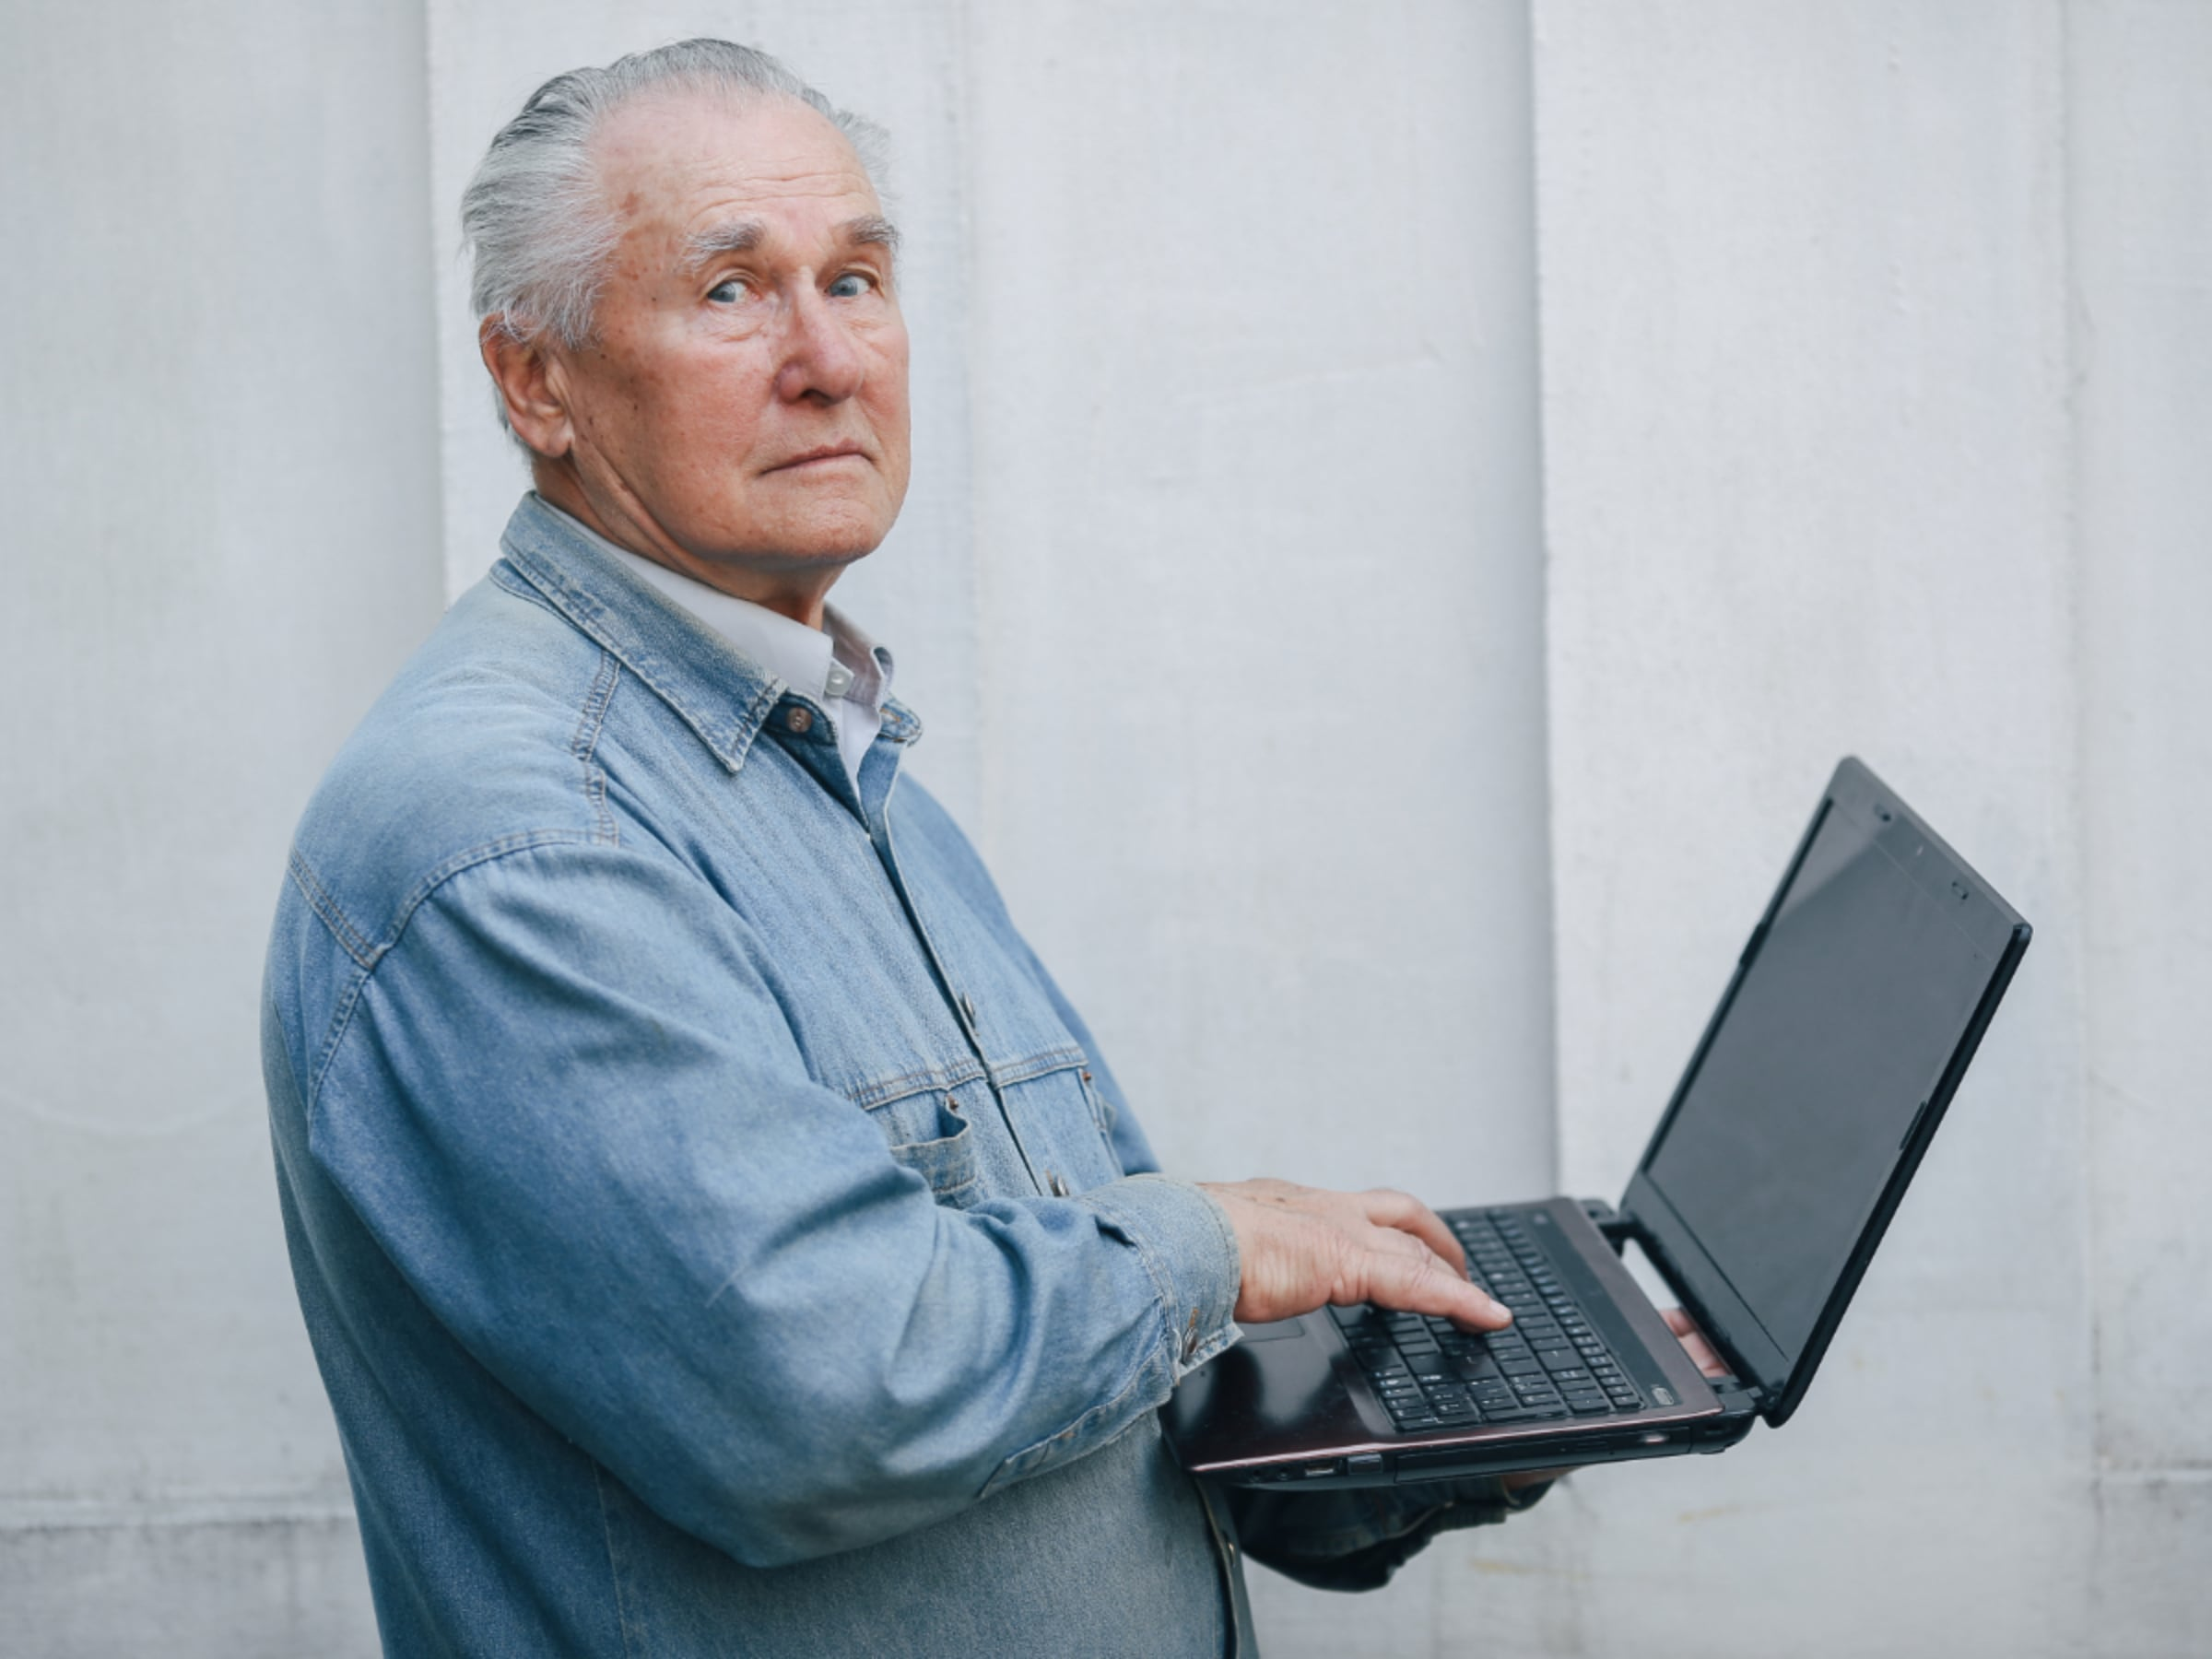 Какую пенсию получает пенсионер переехавший из москвы в другой город